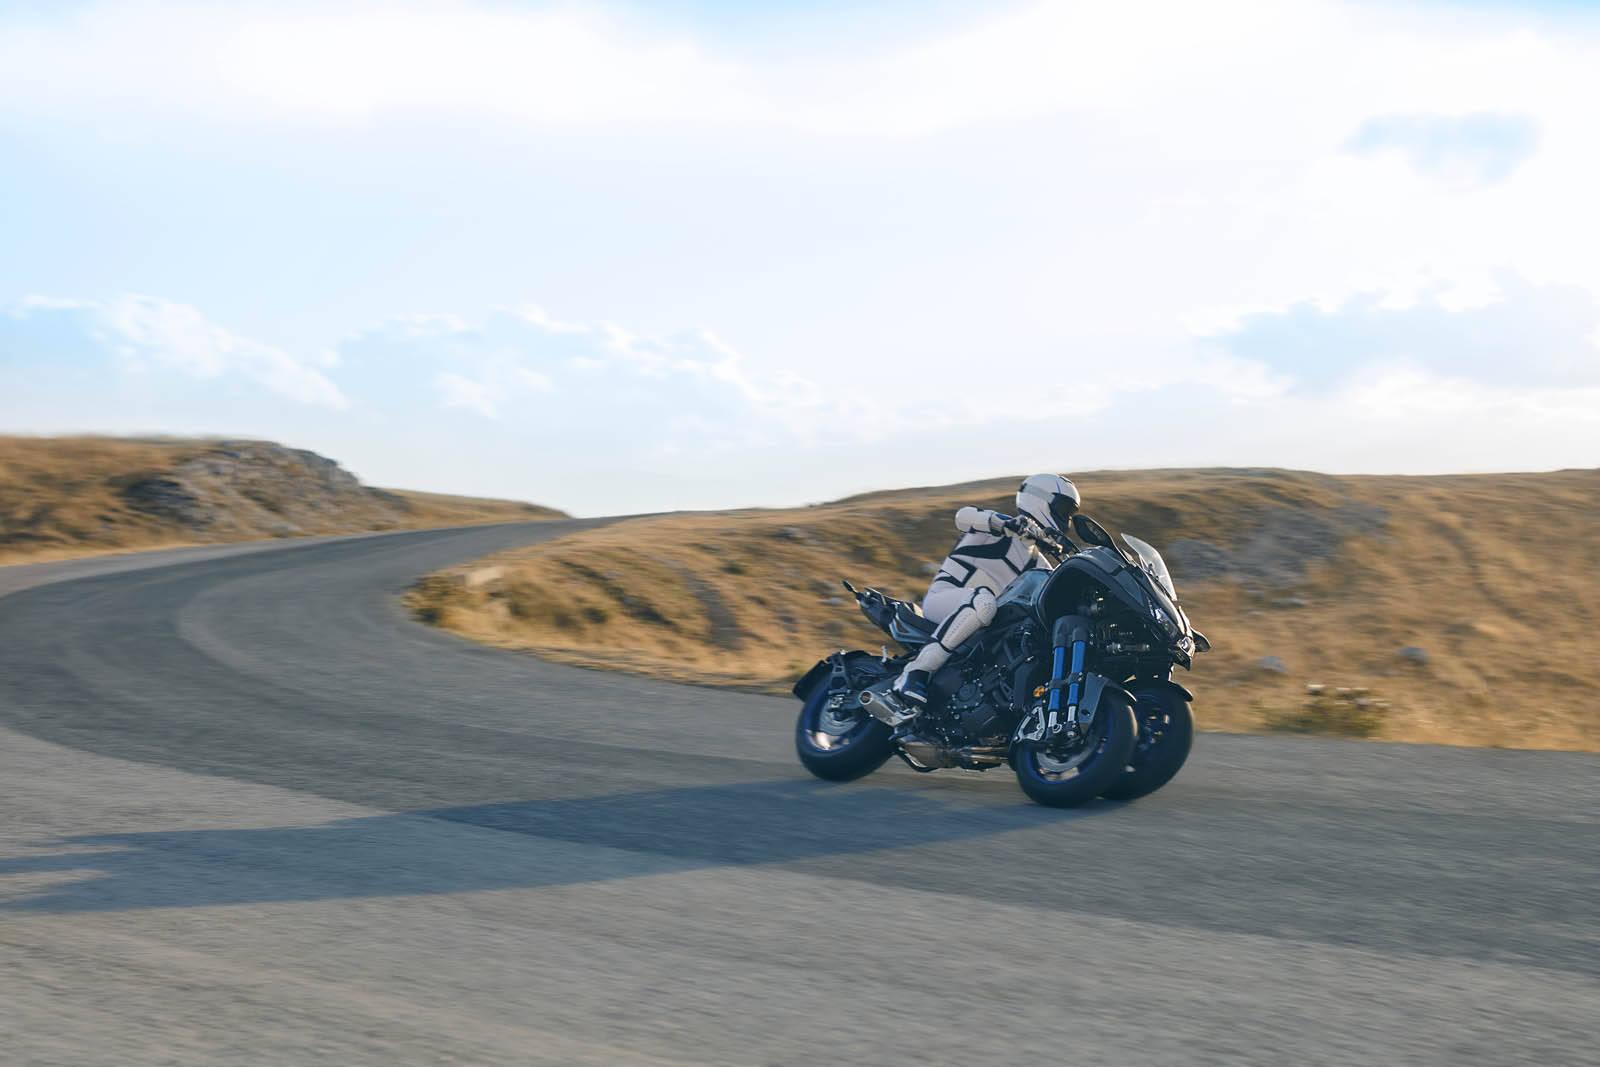 A Yamaha Niken se mostra muito bem articulada nas curvas, dando a opção para o motorista guiá-la esportivamente ou sem grandes emoções. Foto: Divulgação